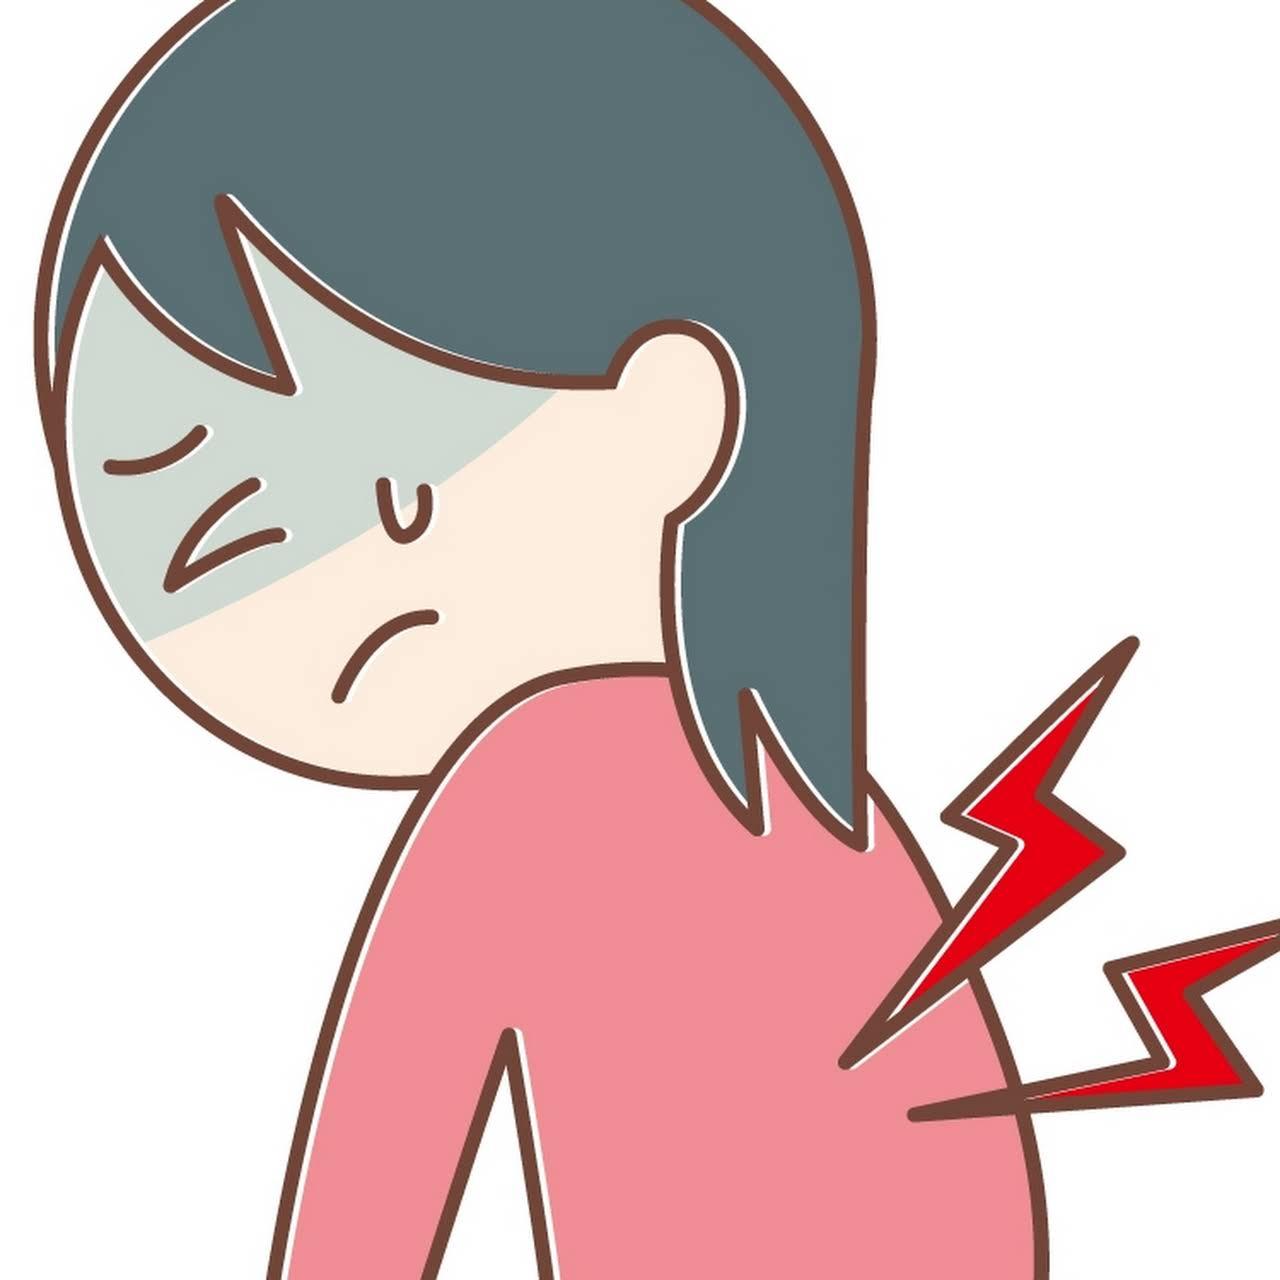 痛い の が 左肩 甲骨 下 あたり